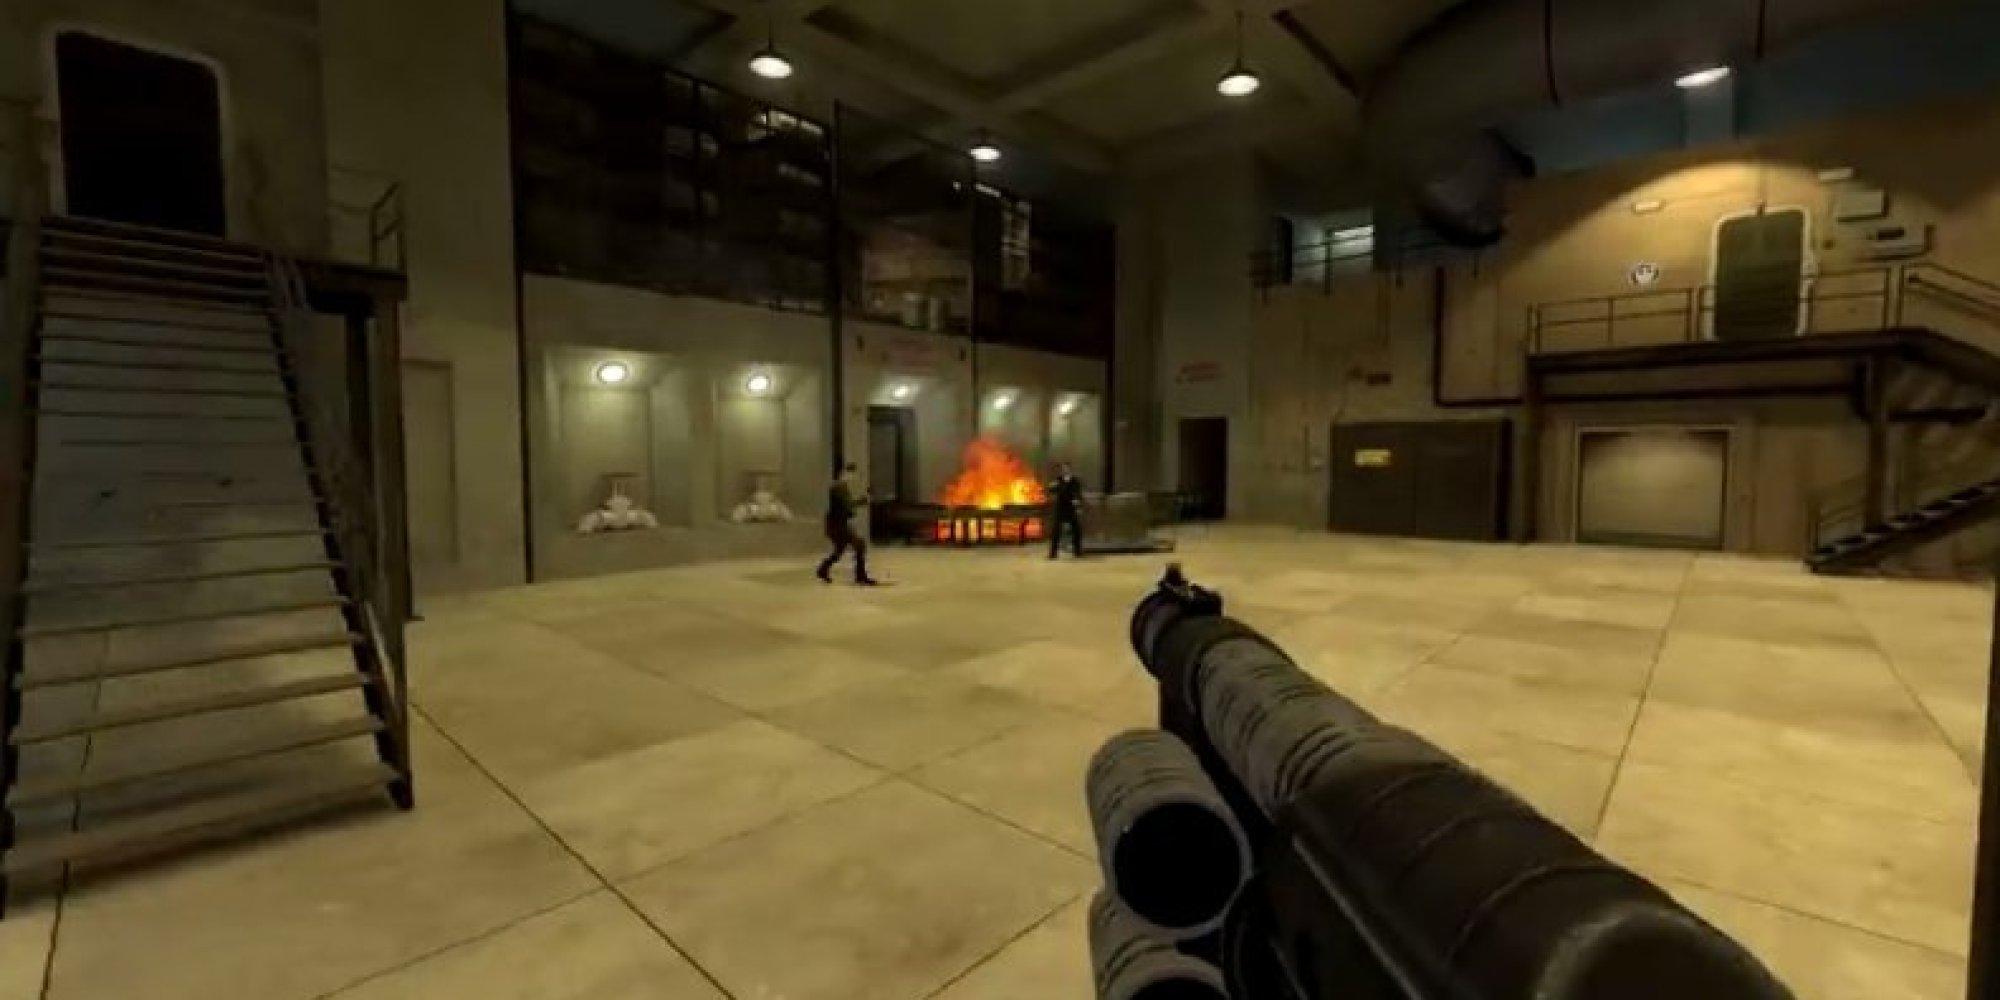 le jeu goldeneye 007 de nintendo 64 a son remake gratuit sur pc avec goldeneye source. Black Bedroom Furniture Sets. Home Design Ideas